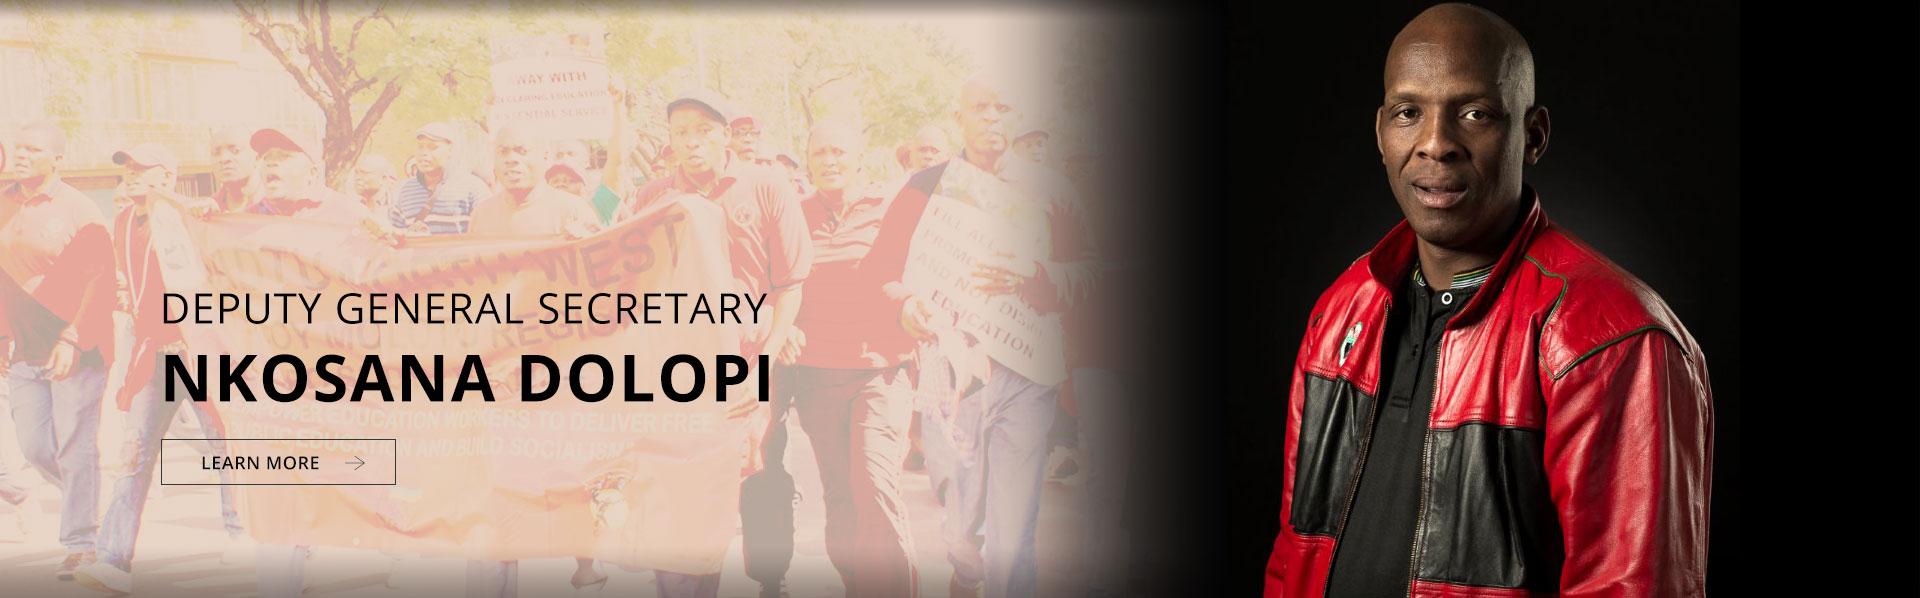 Deputy General Secretary: Cde Nkosana Dolopi